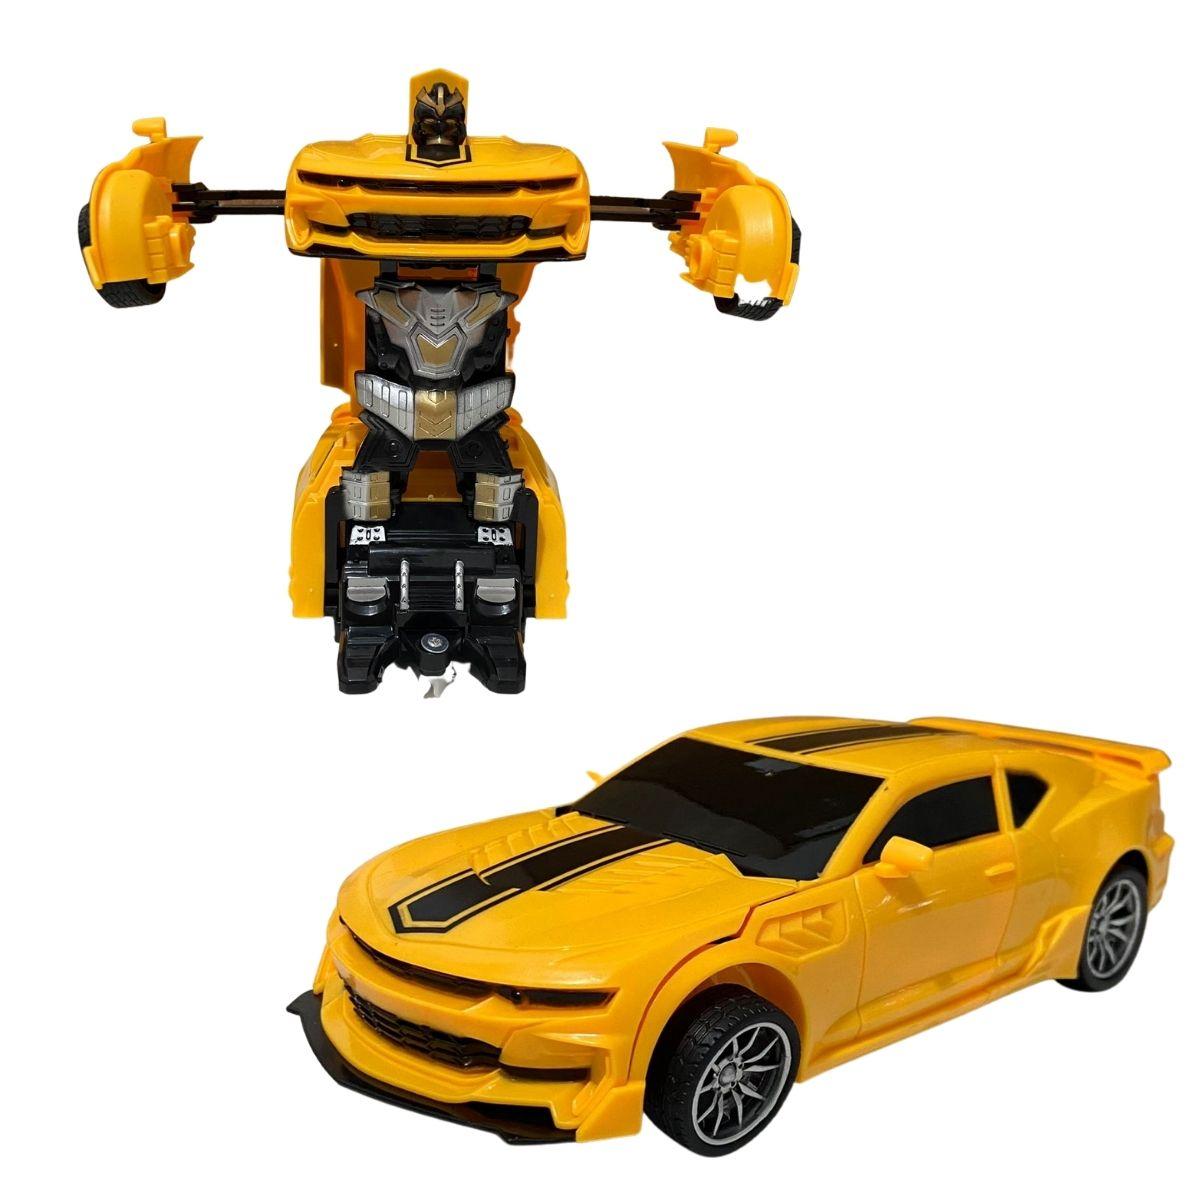 Carrinho de Controle Remoto Robô-Car Titanium Carro Transforma em Robô